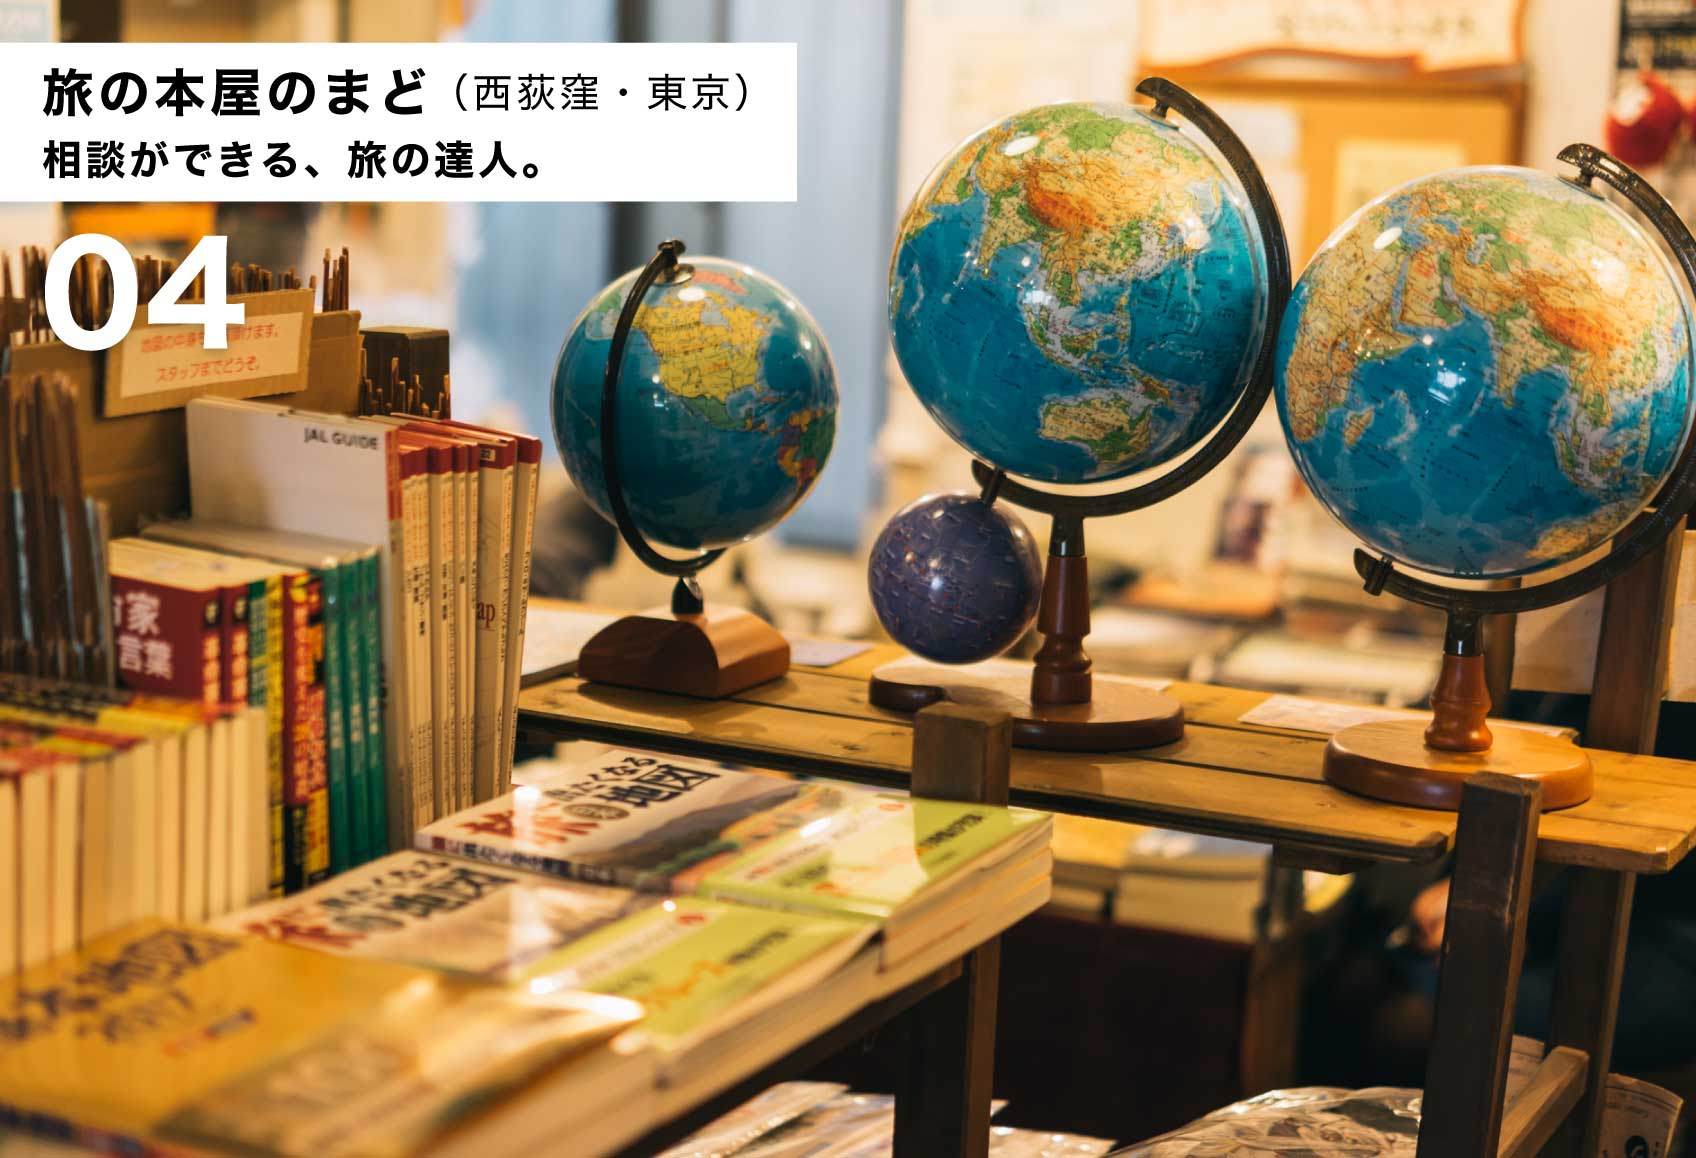 (写真は「旅の本屋のまど」さん)